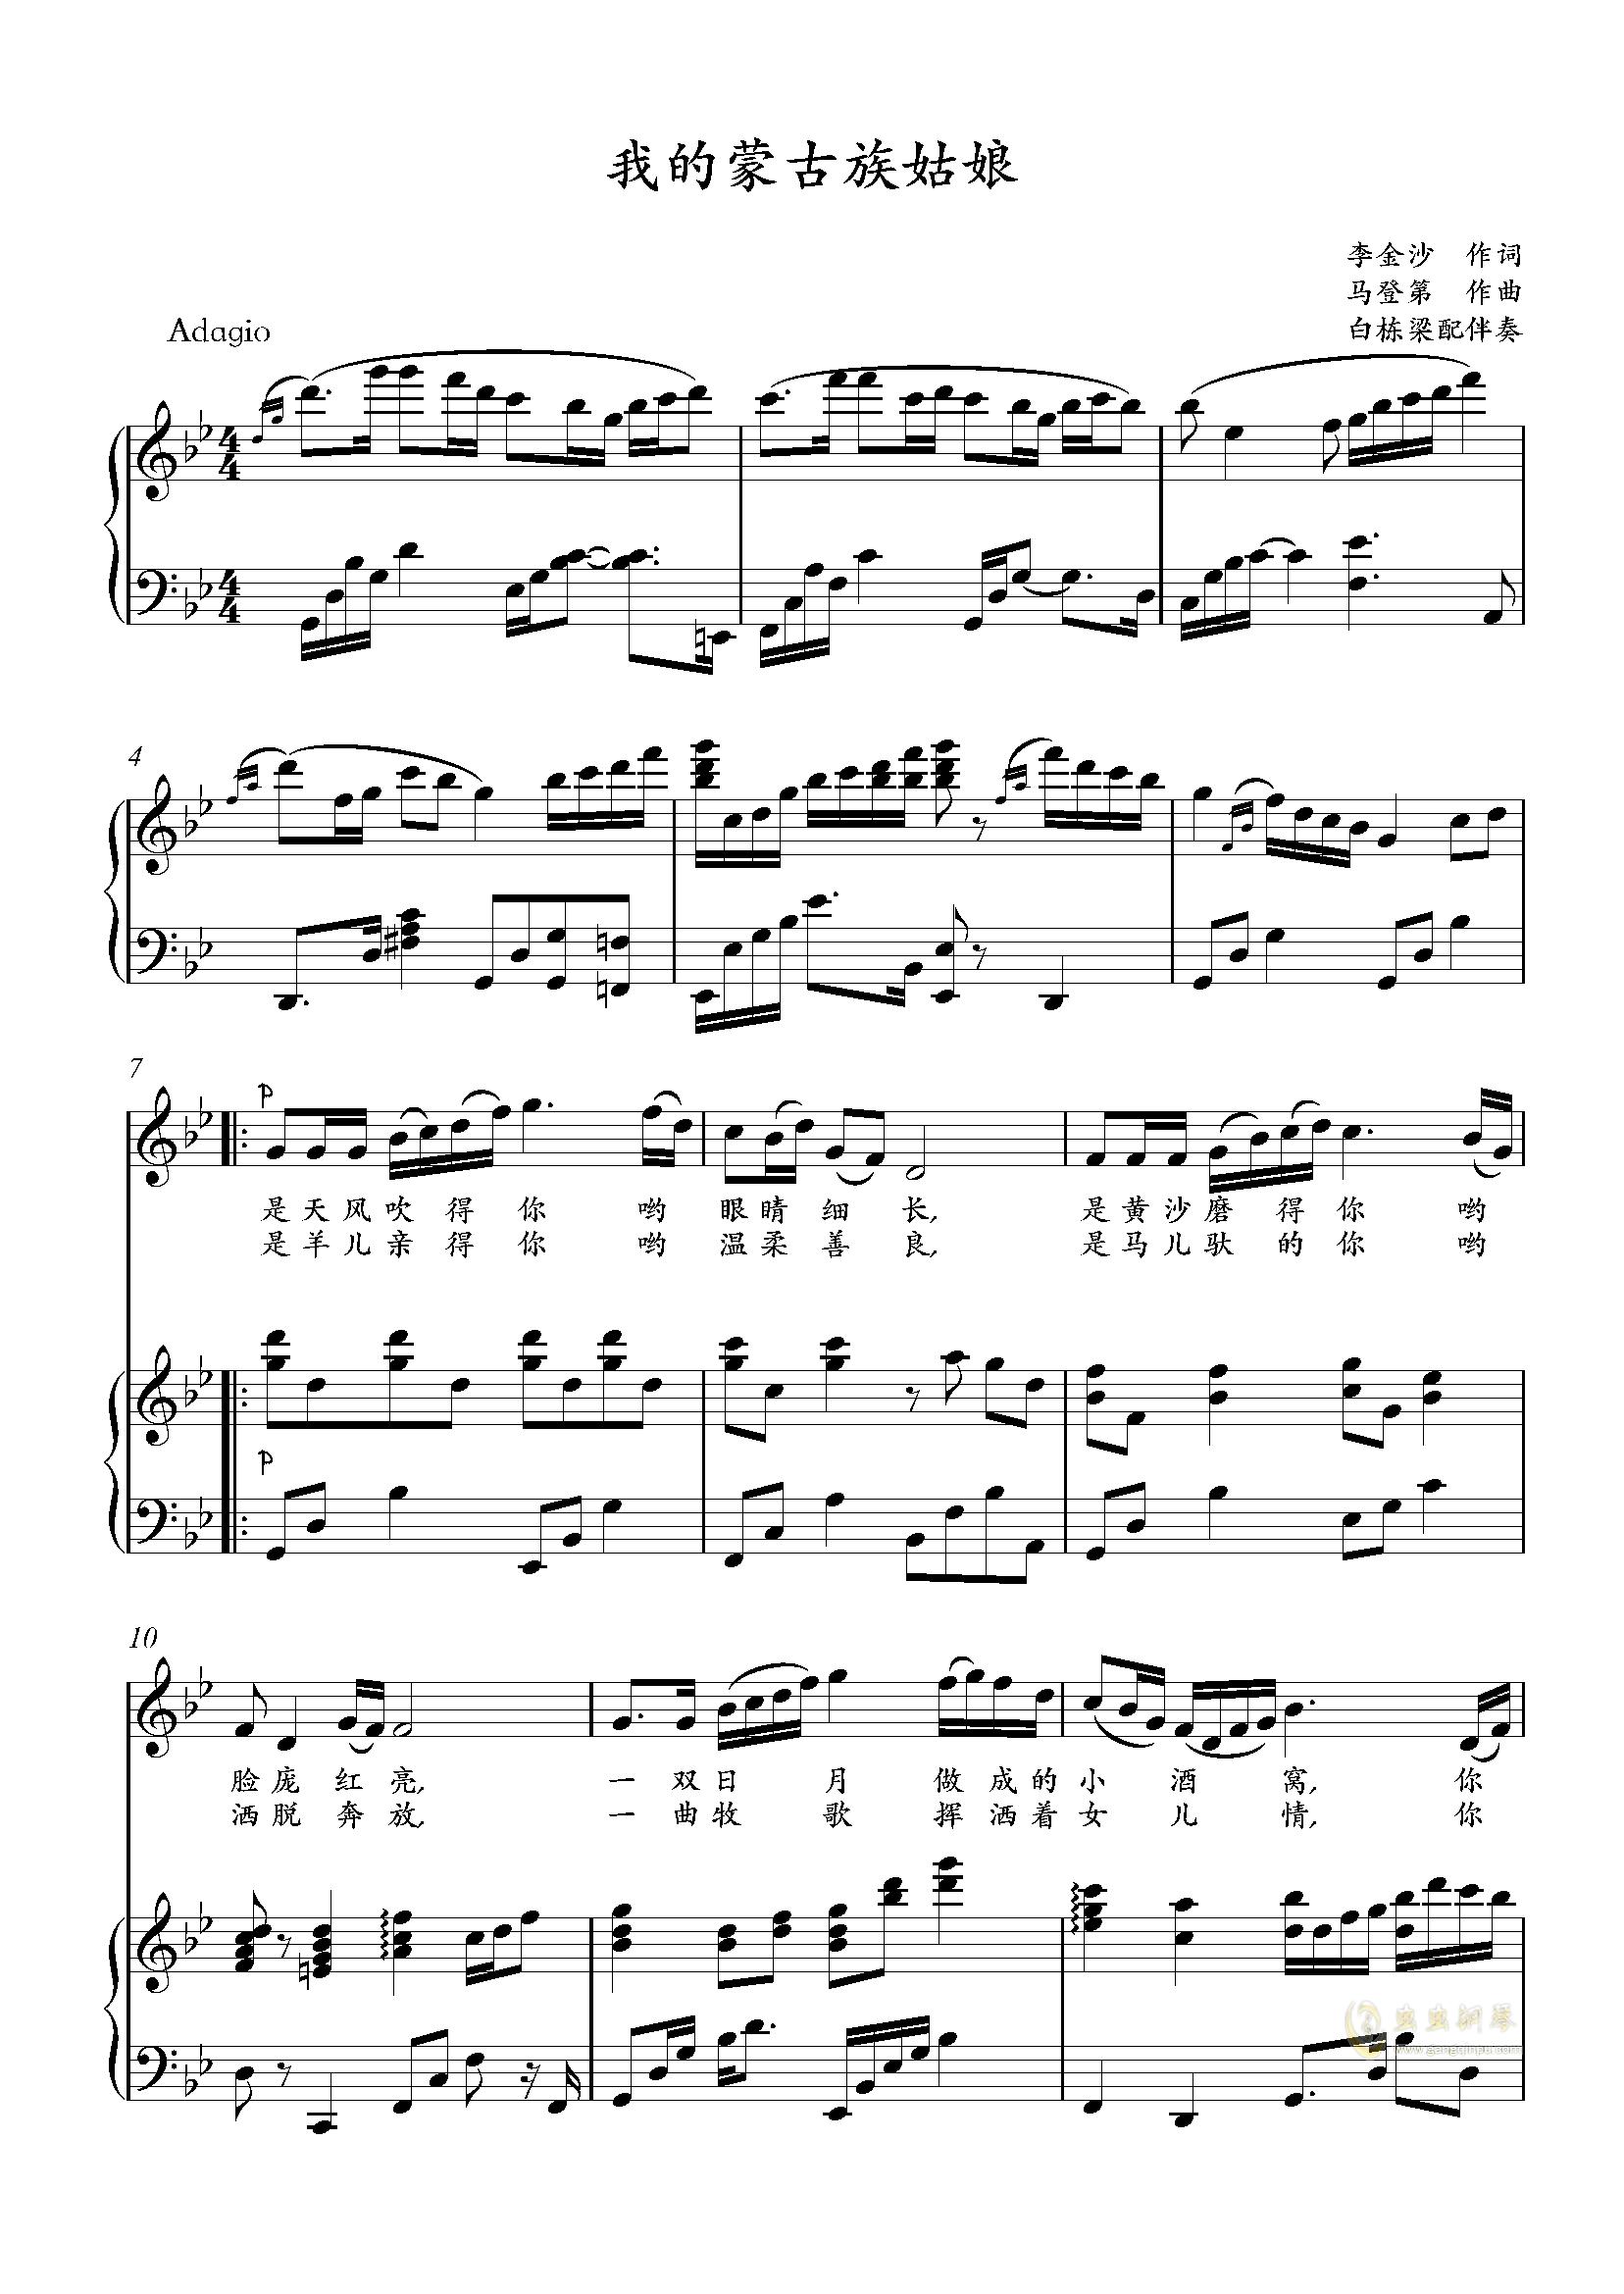 >> 华语男歌手 >> 张全 >>歌曲《我的蒙古族姑娘》钢琴伴奏谱